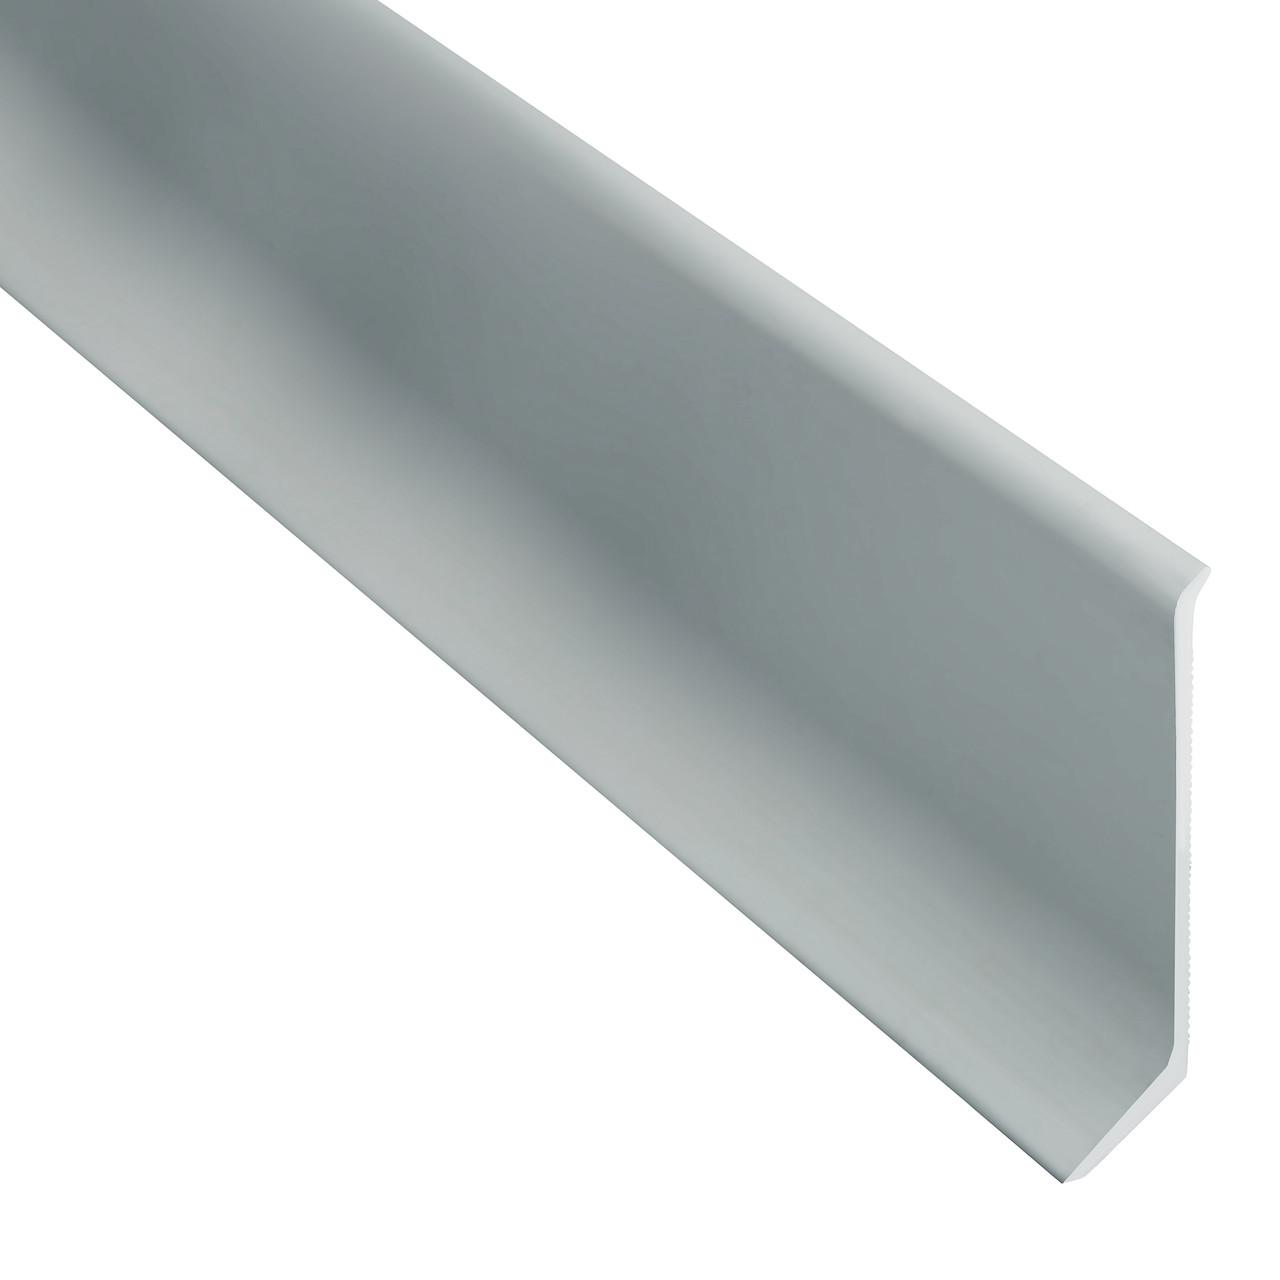 Плинтус алюминиевый анодированный 40мм. Серебро, длинна 2700 мм.